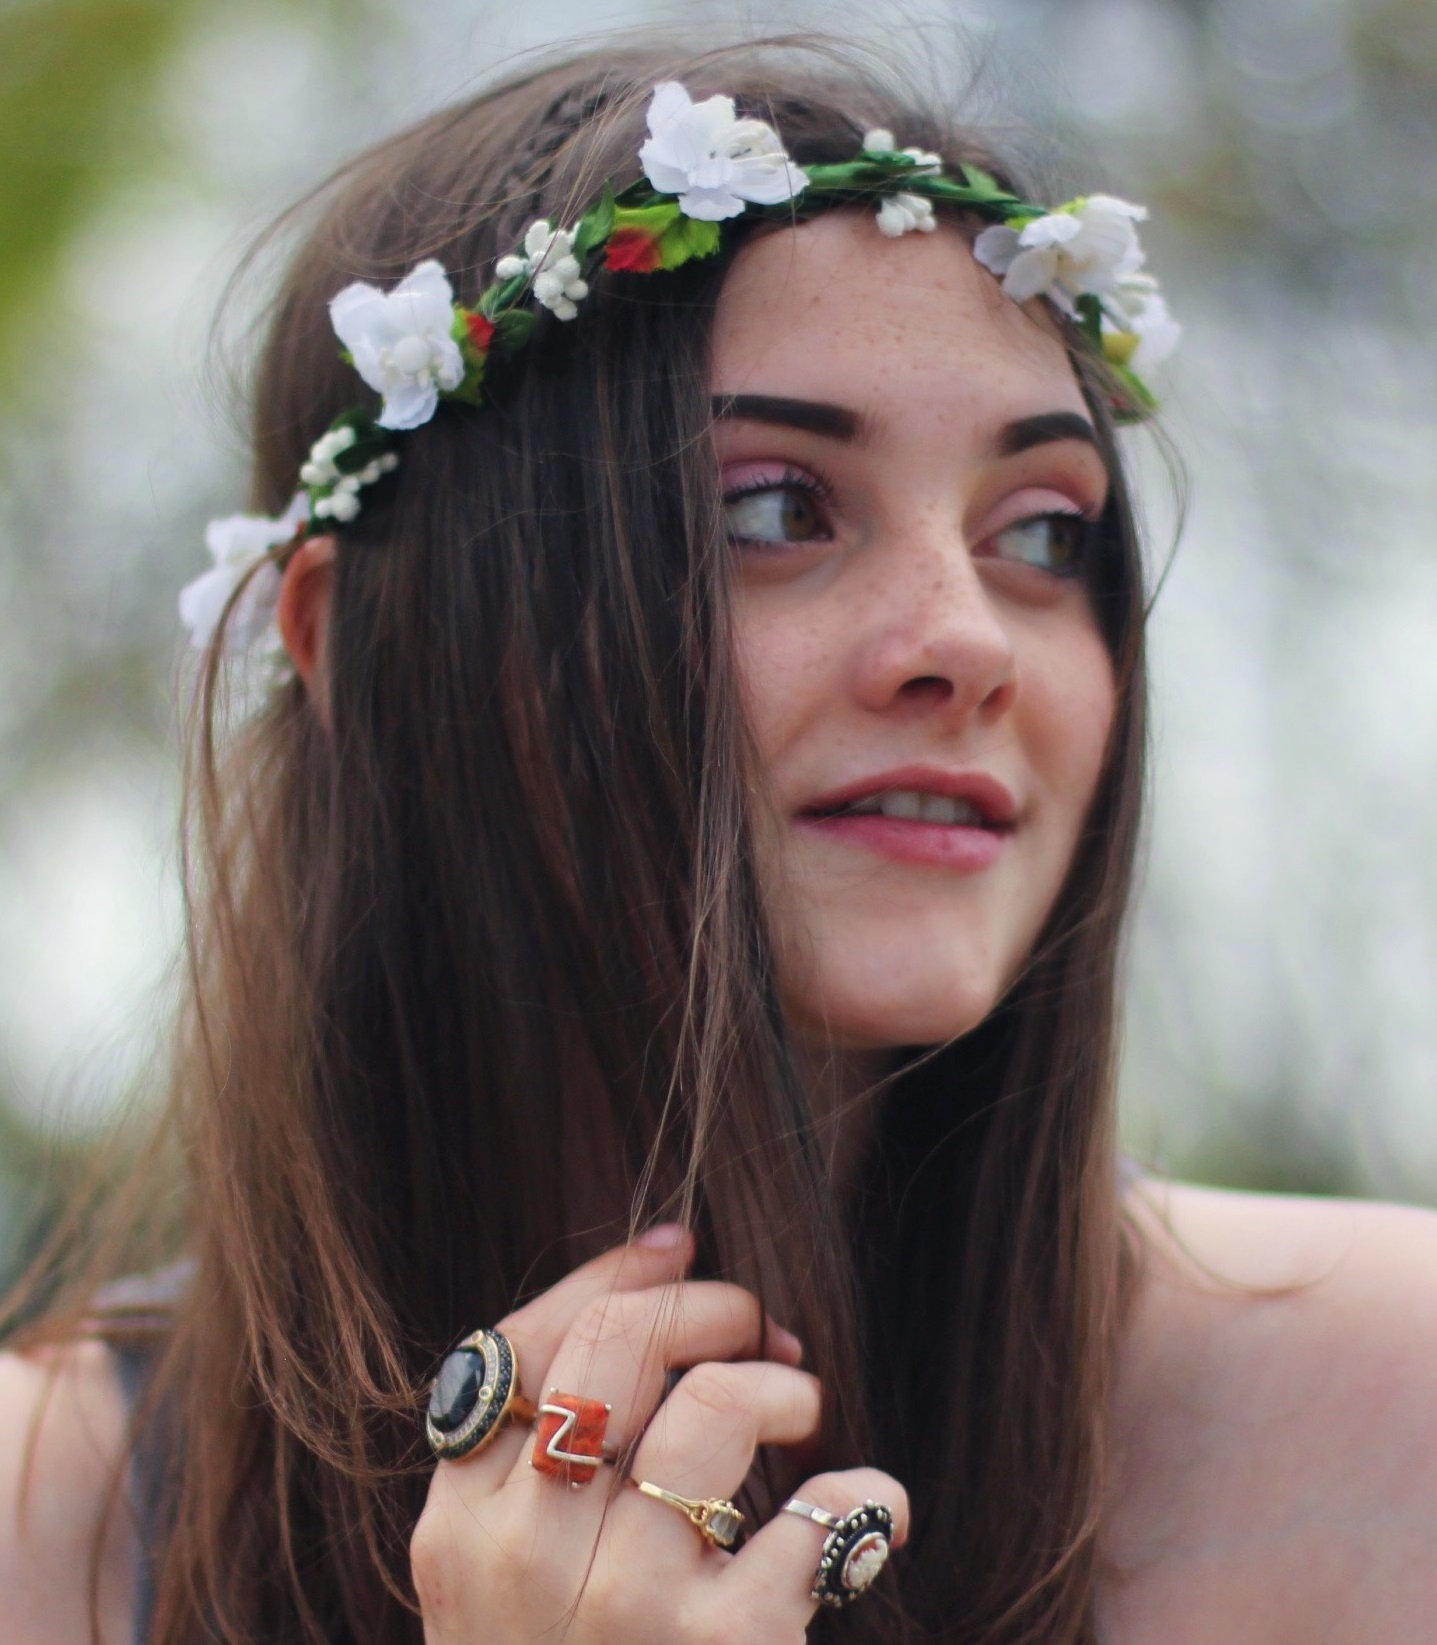 Fiona Scott